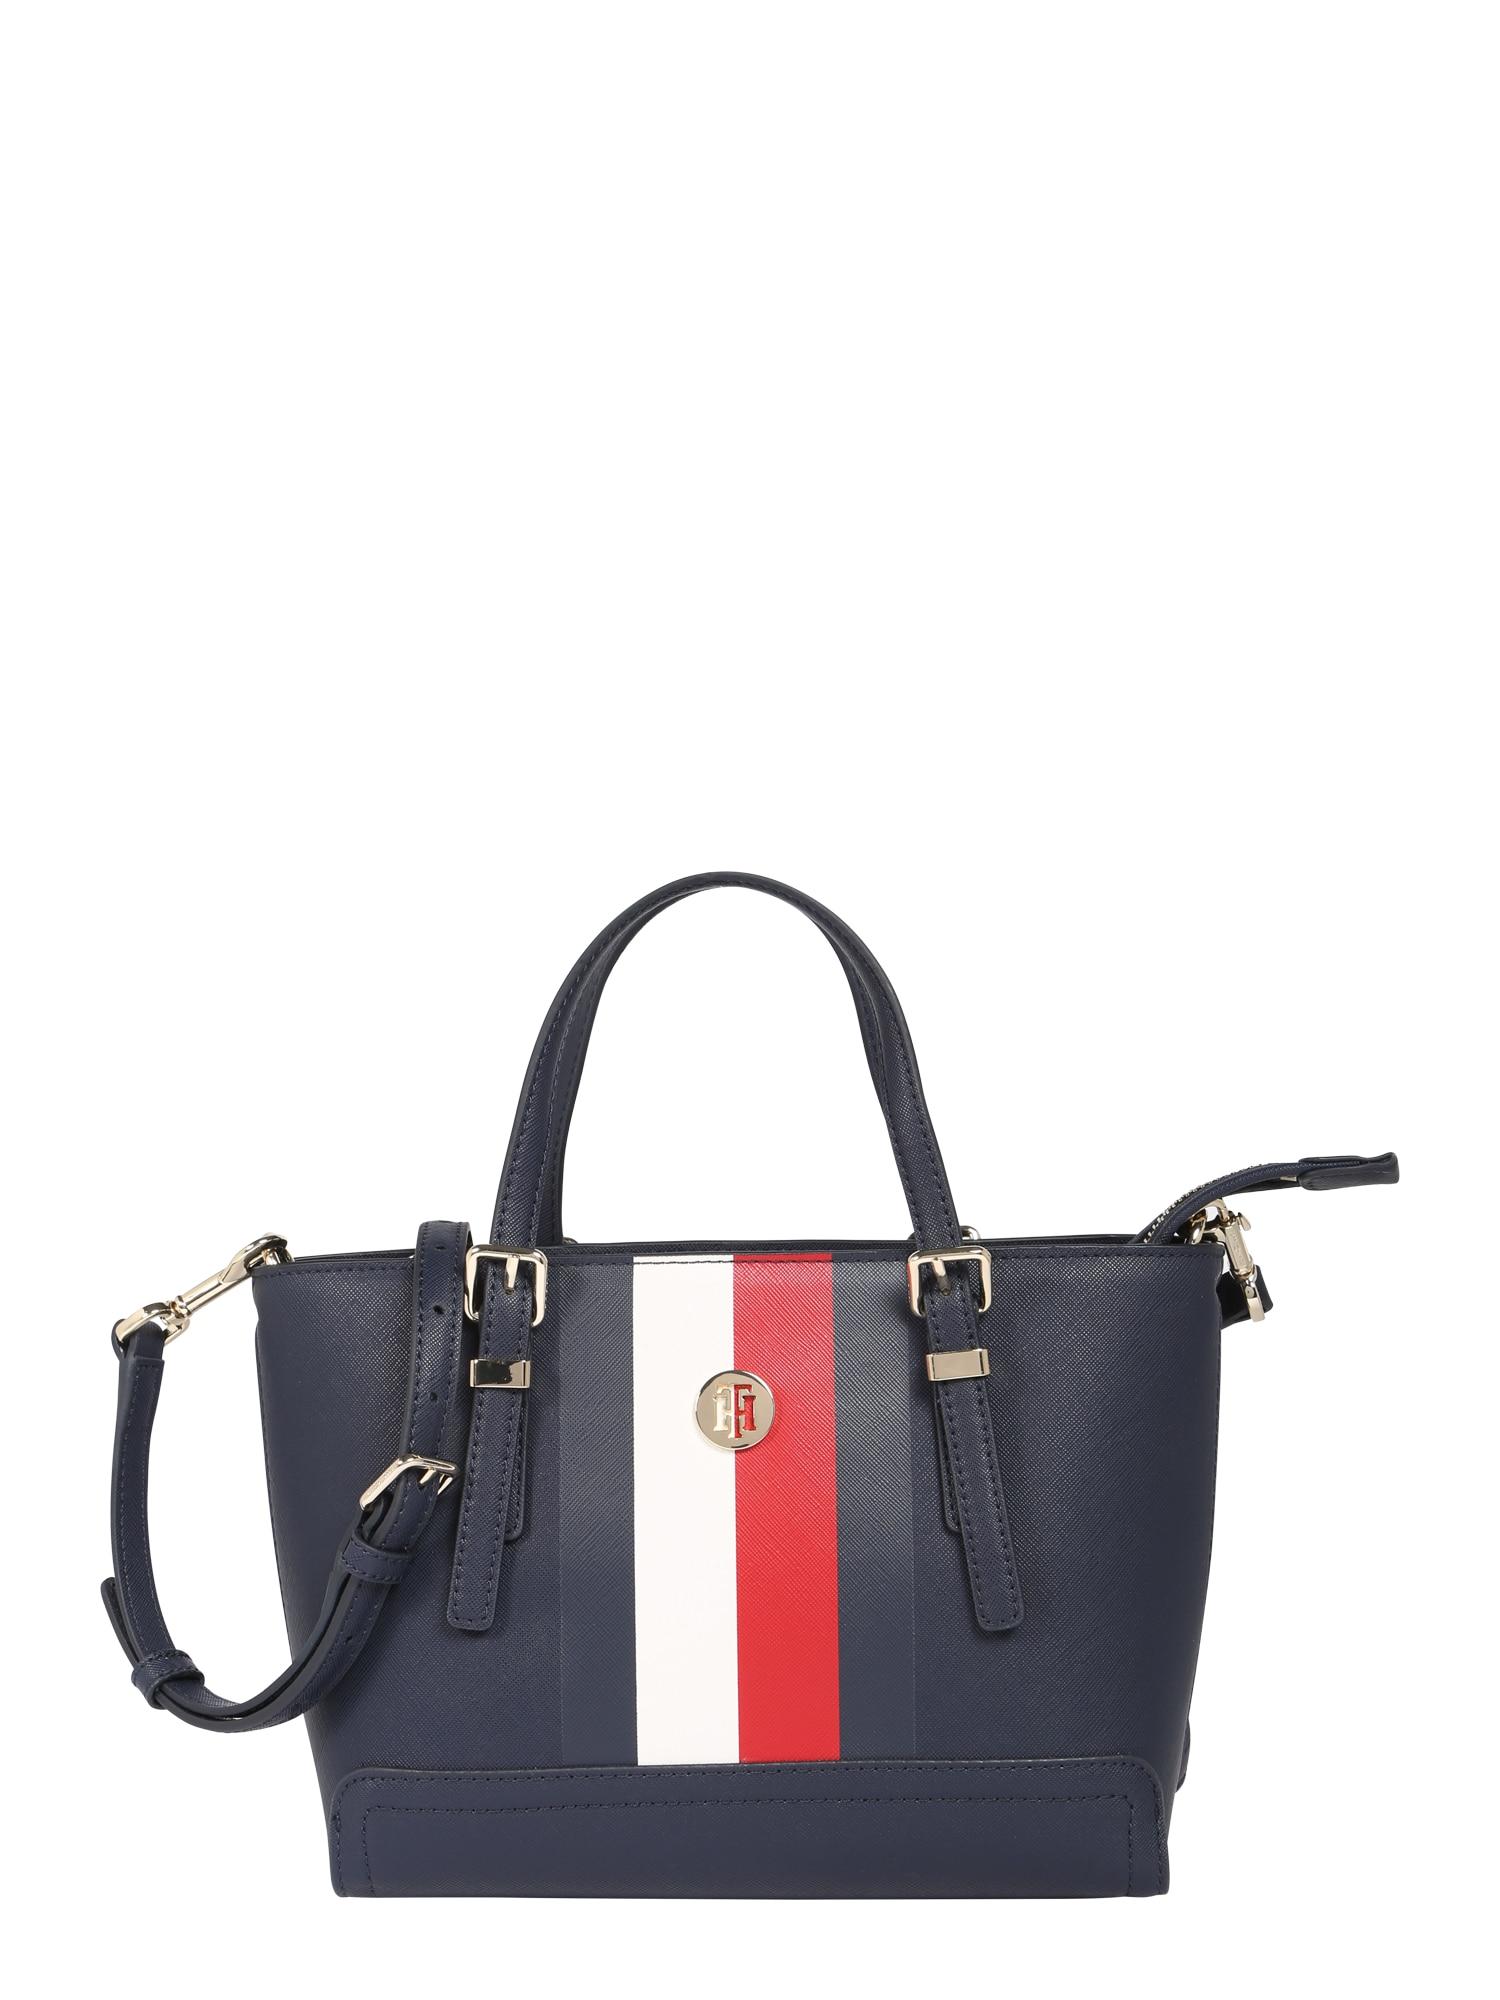 Nákupní taška HONEY SMALL TOTE CORP modrá červená bílá TOMMY HILFIGER